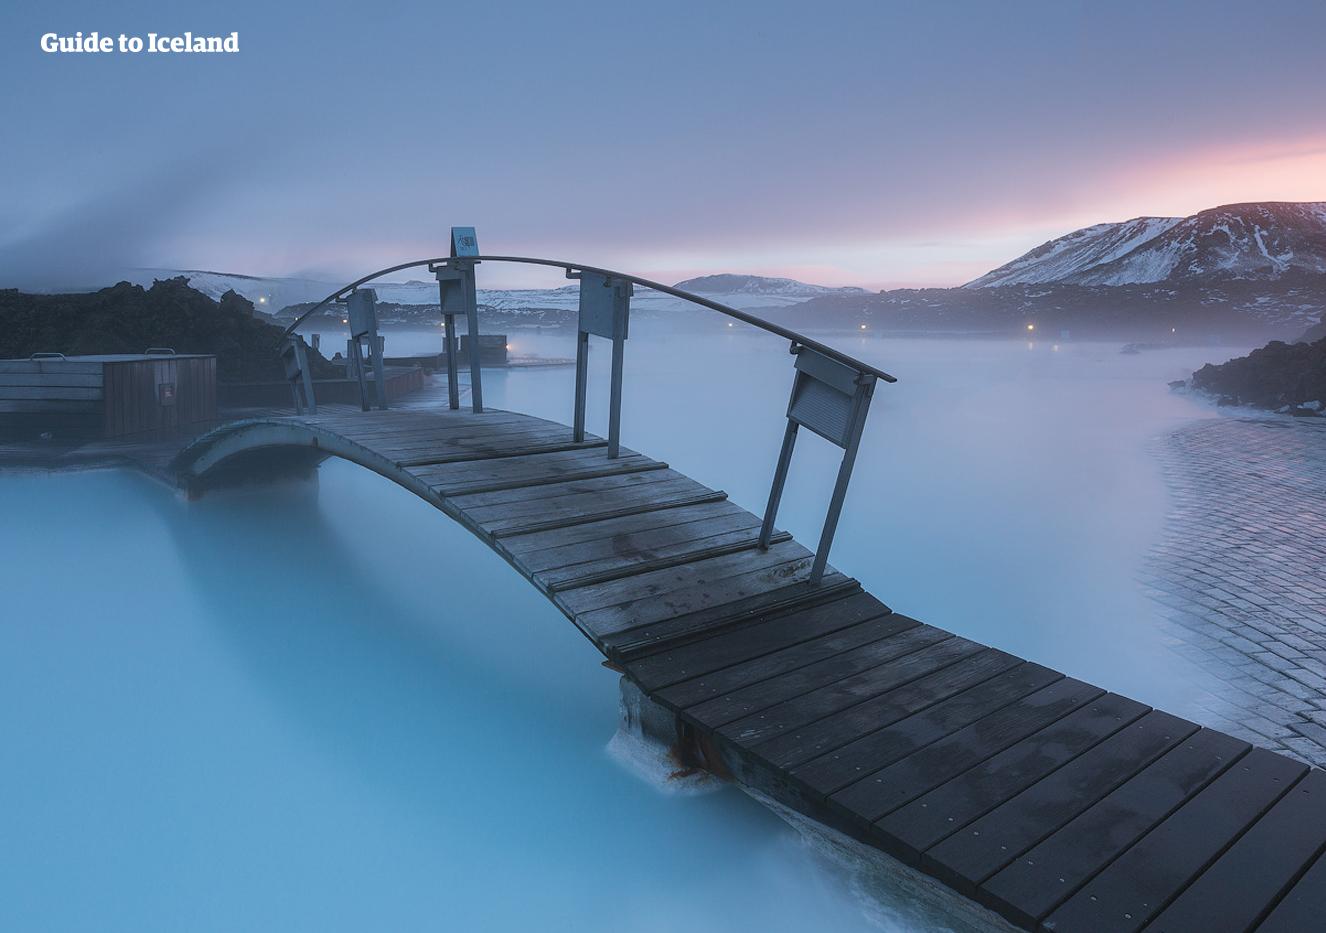 アイスランドの旅の最終日には、ブルラグーンでゆっくりとお湯につかってから飛行機に乗るのもおすすめ